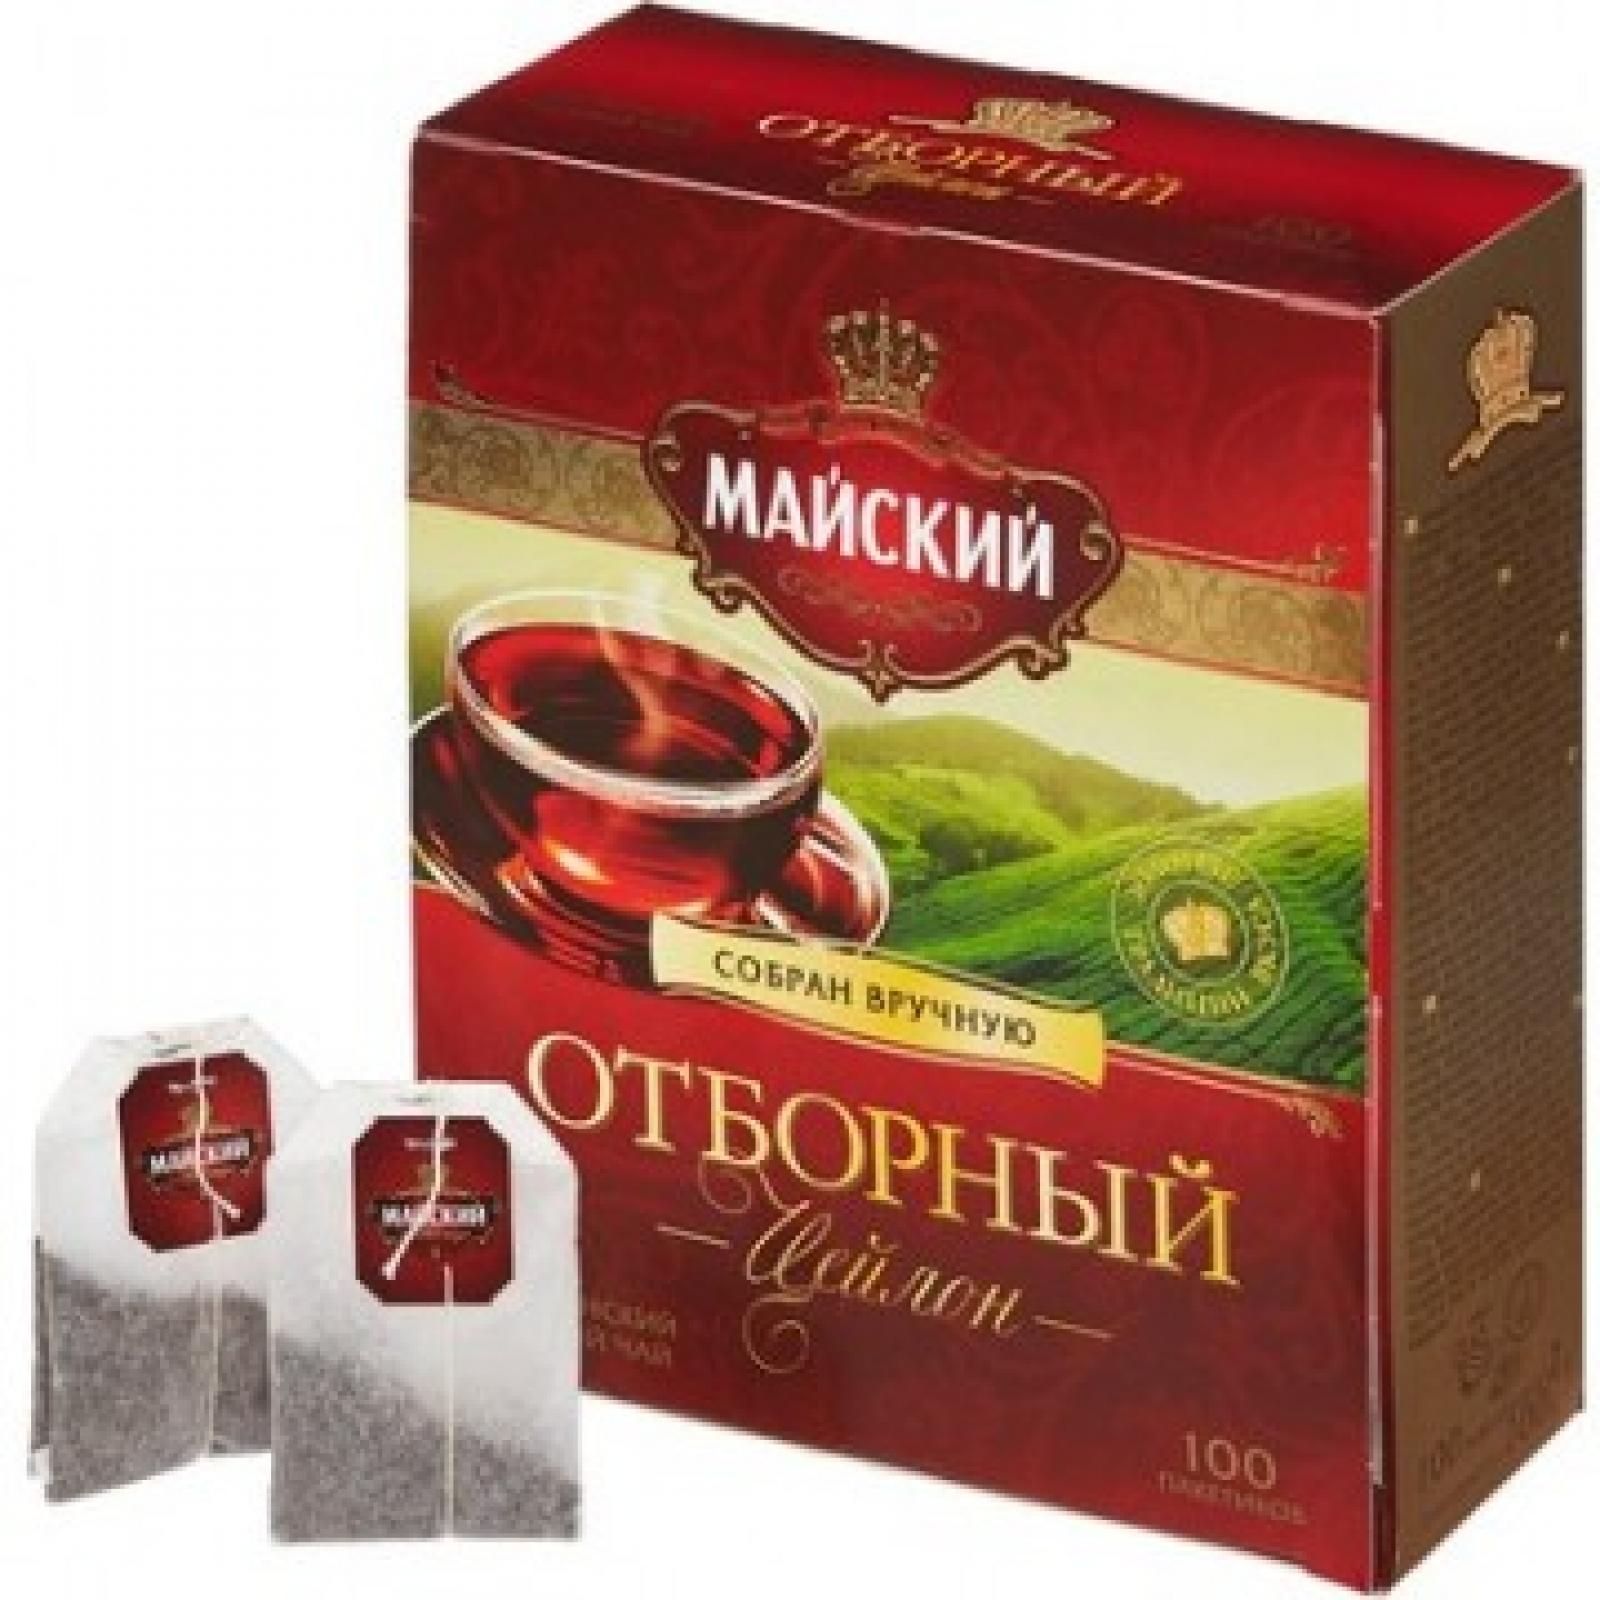 чай хеладив купить в москве